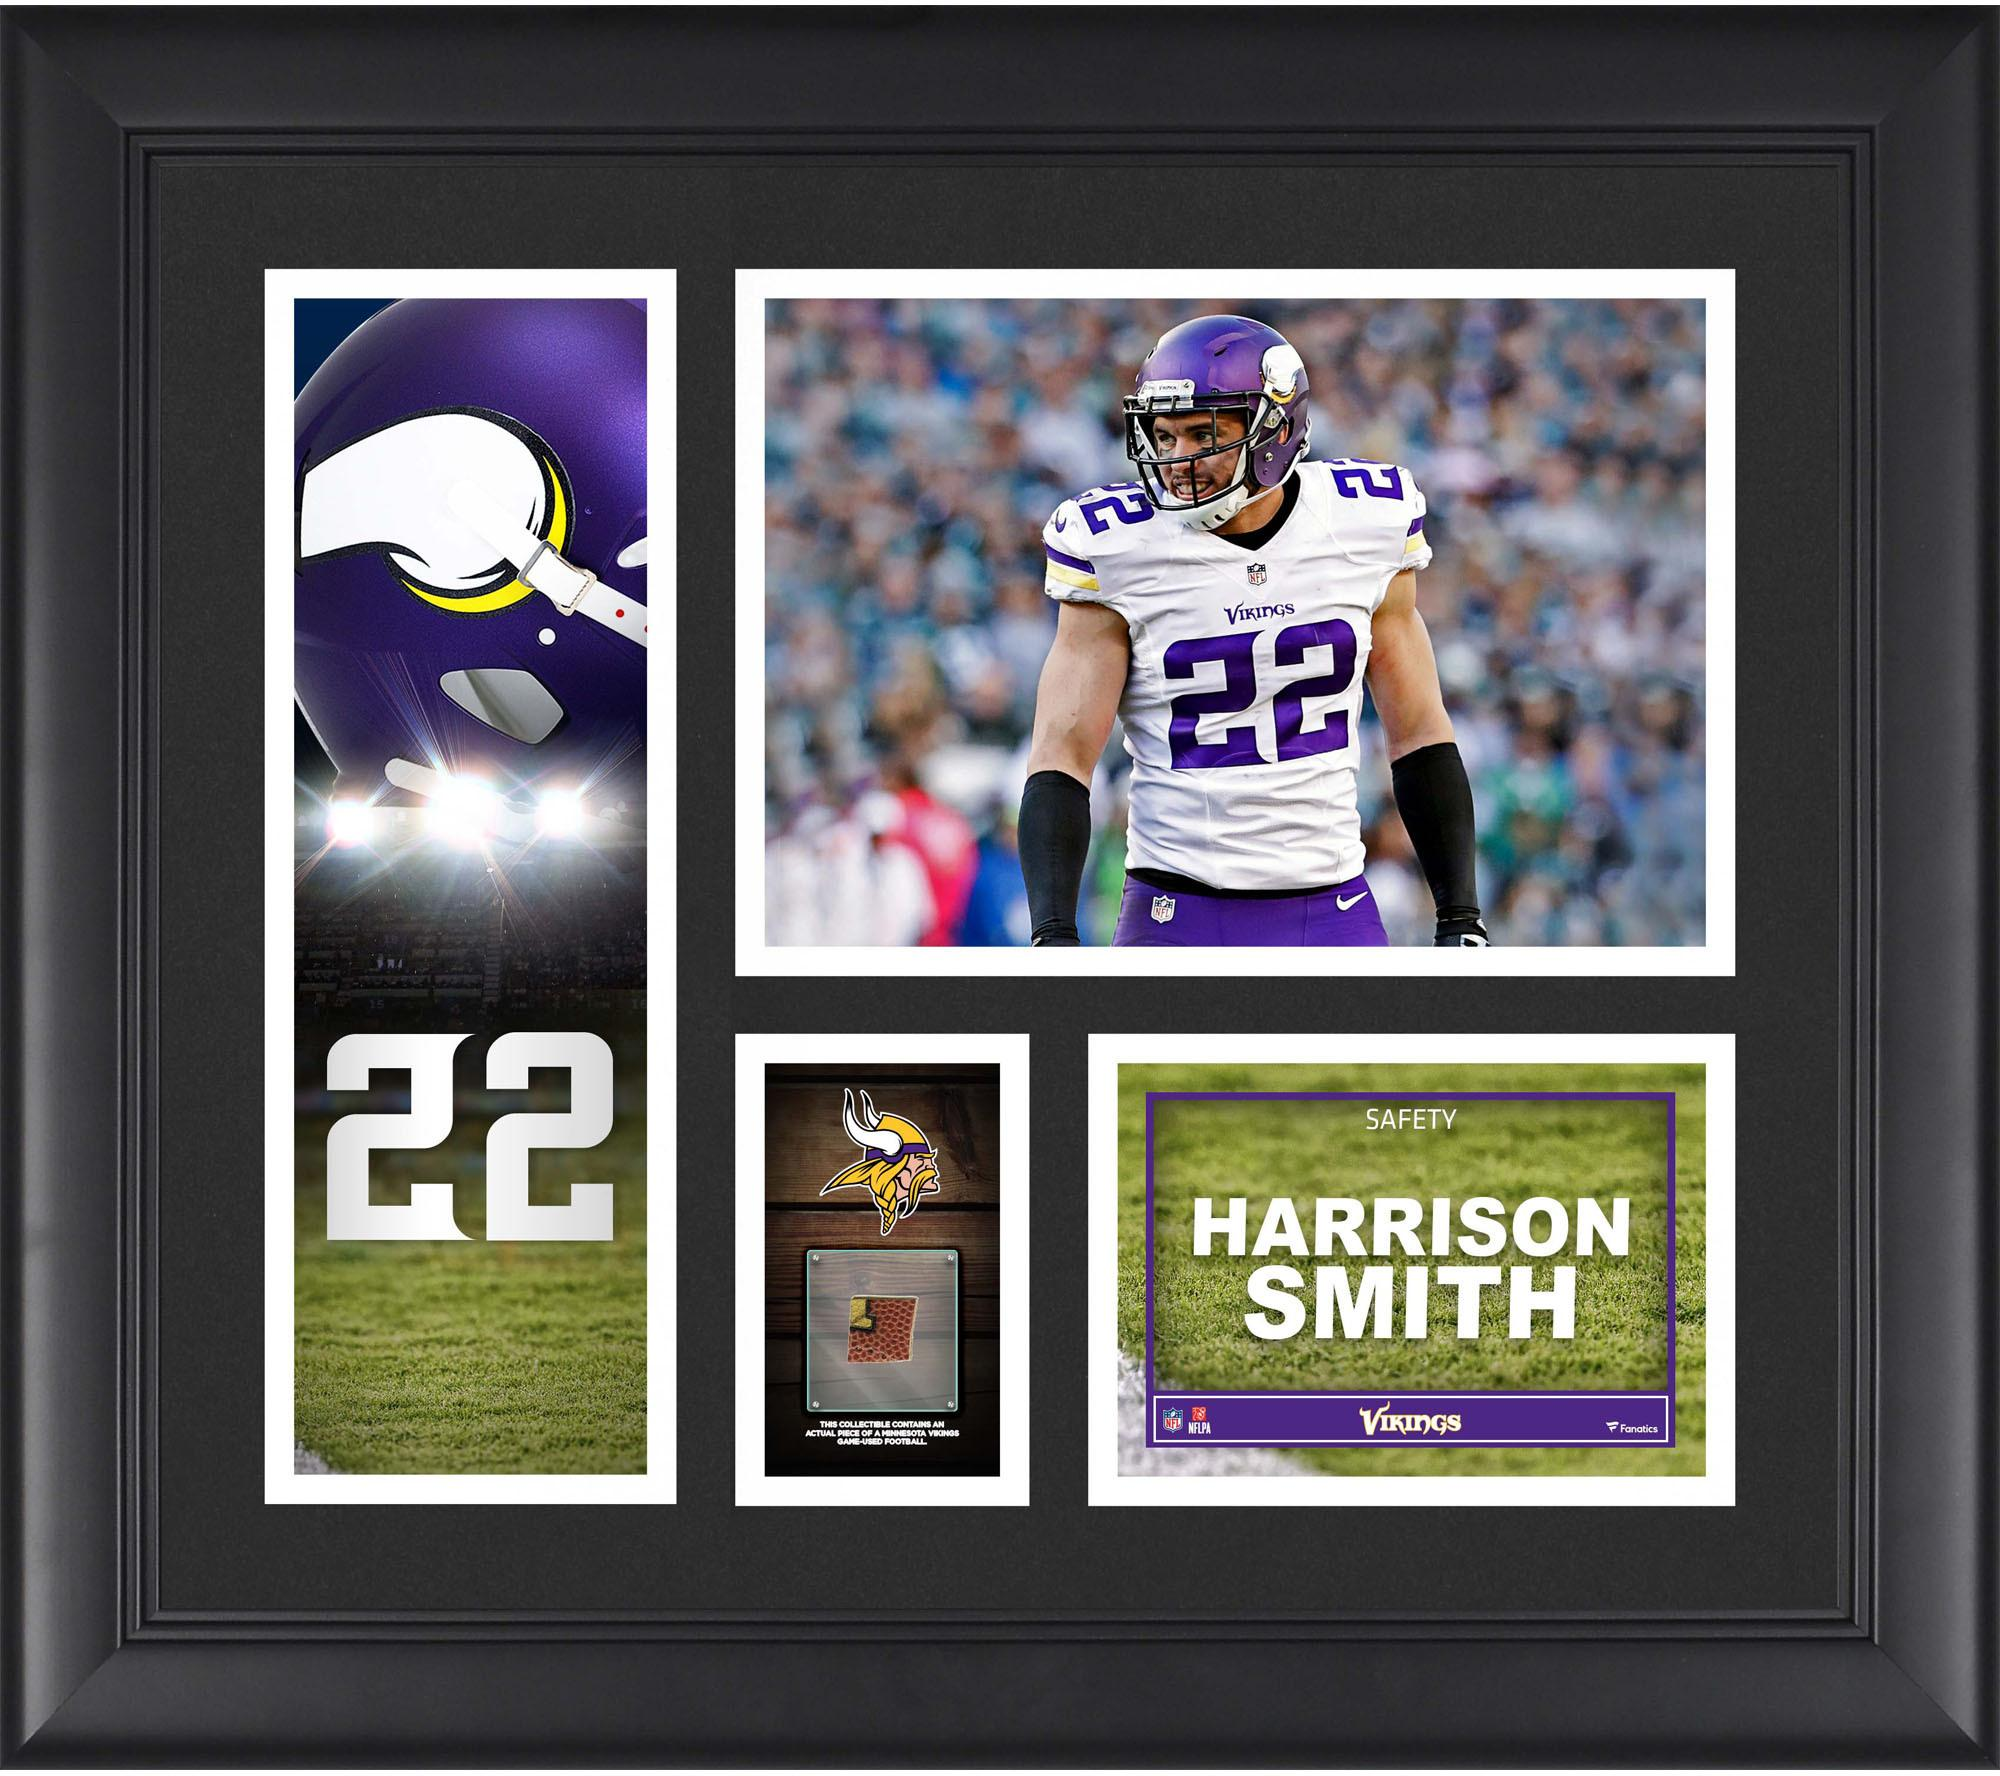 Harrison Smith Minnesota Vikings Framed 15